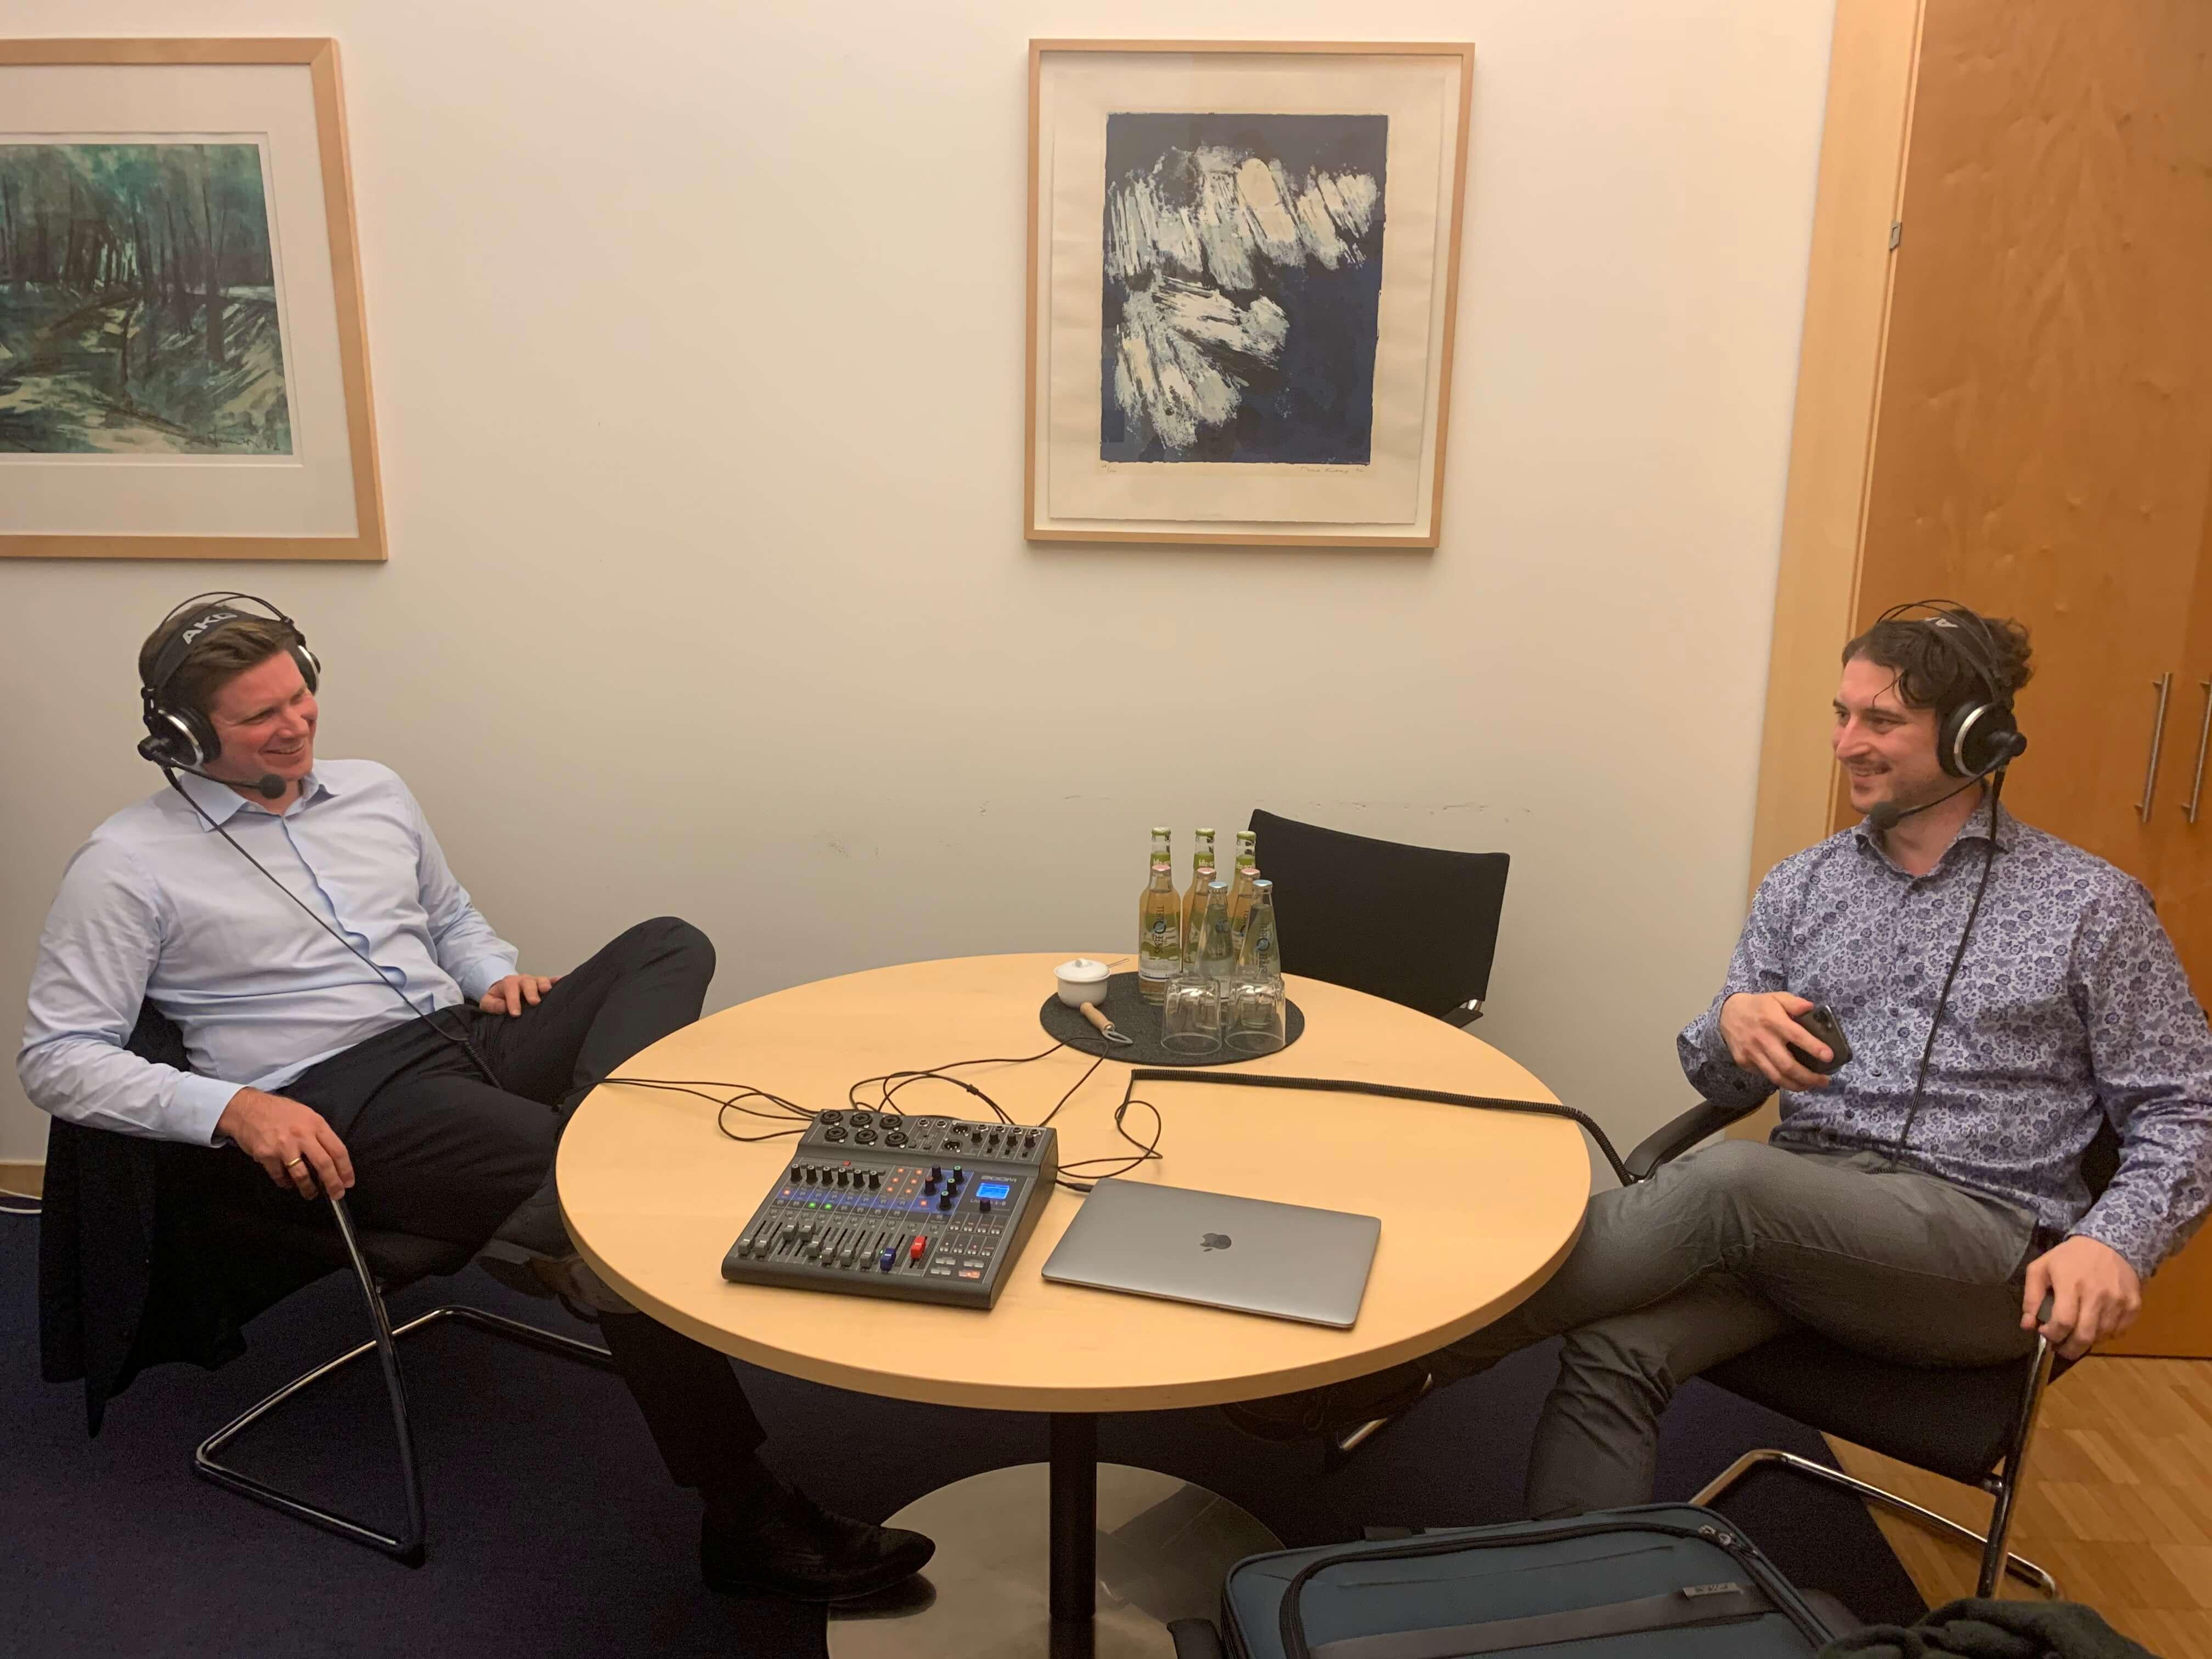 Florian Toncar und Patrick Pehl sitzen am Tisch mit technischem Aufbau